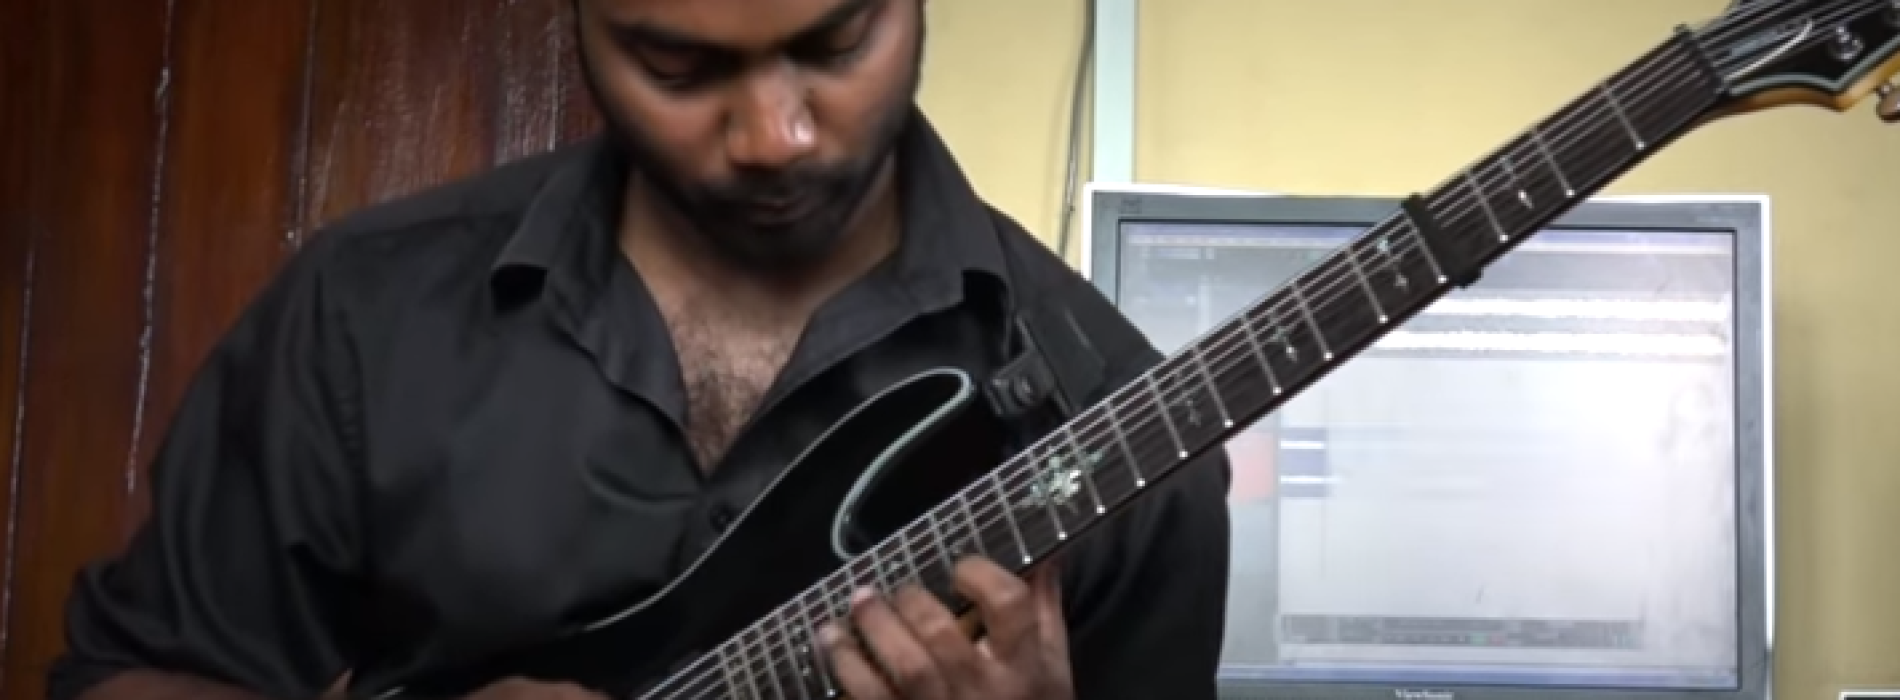 Arjun Dhas : Adagio – Dominate solo